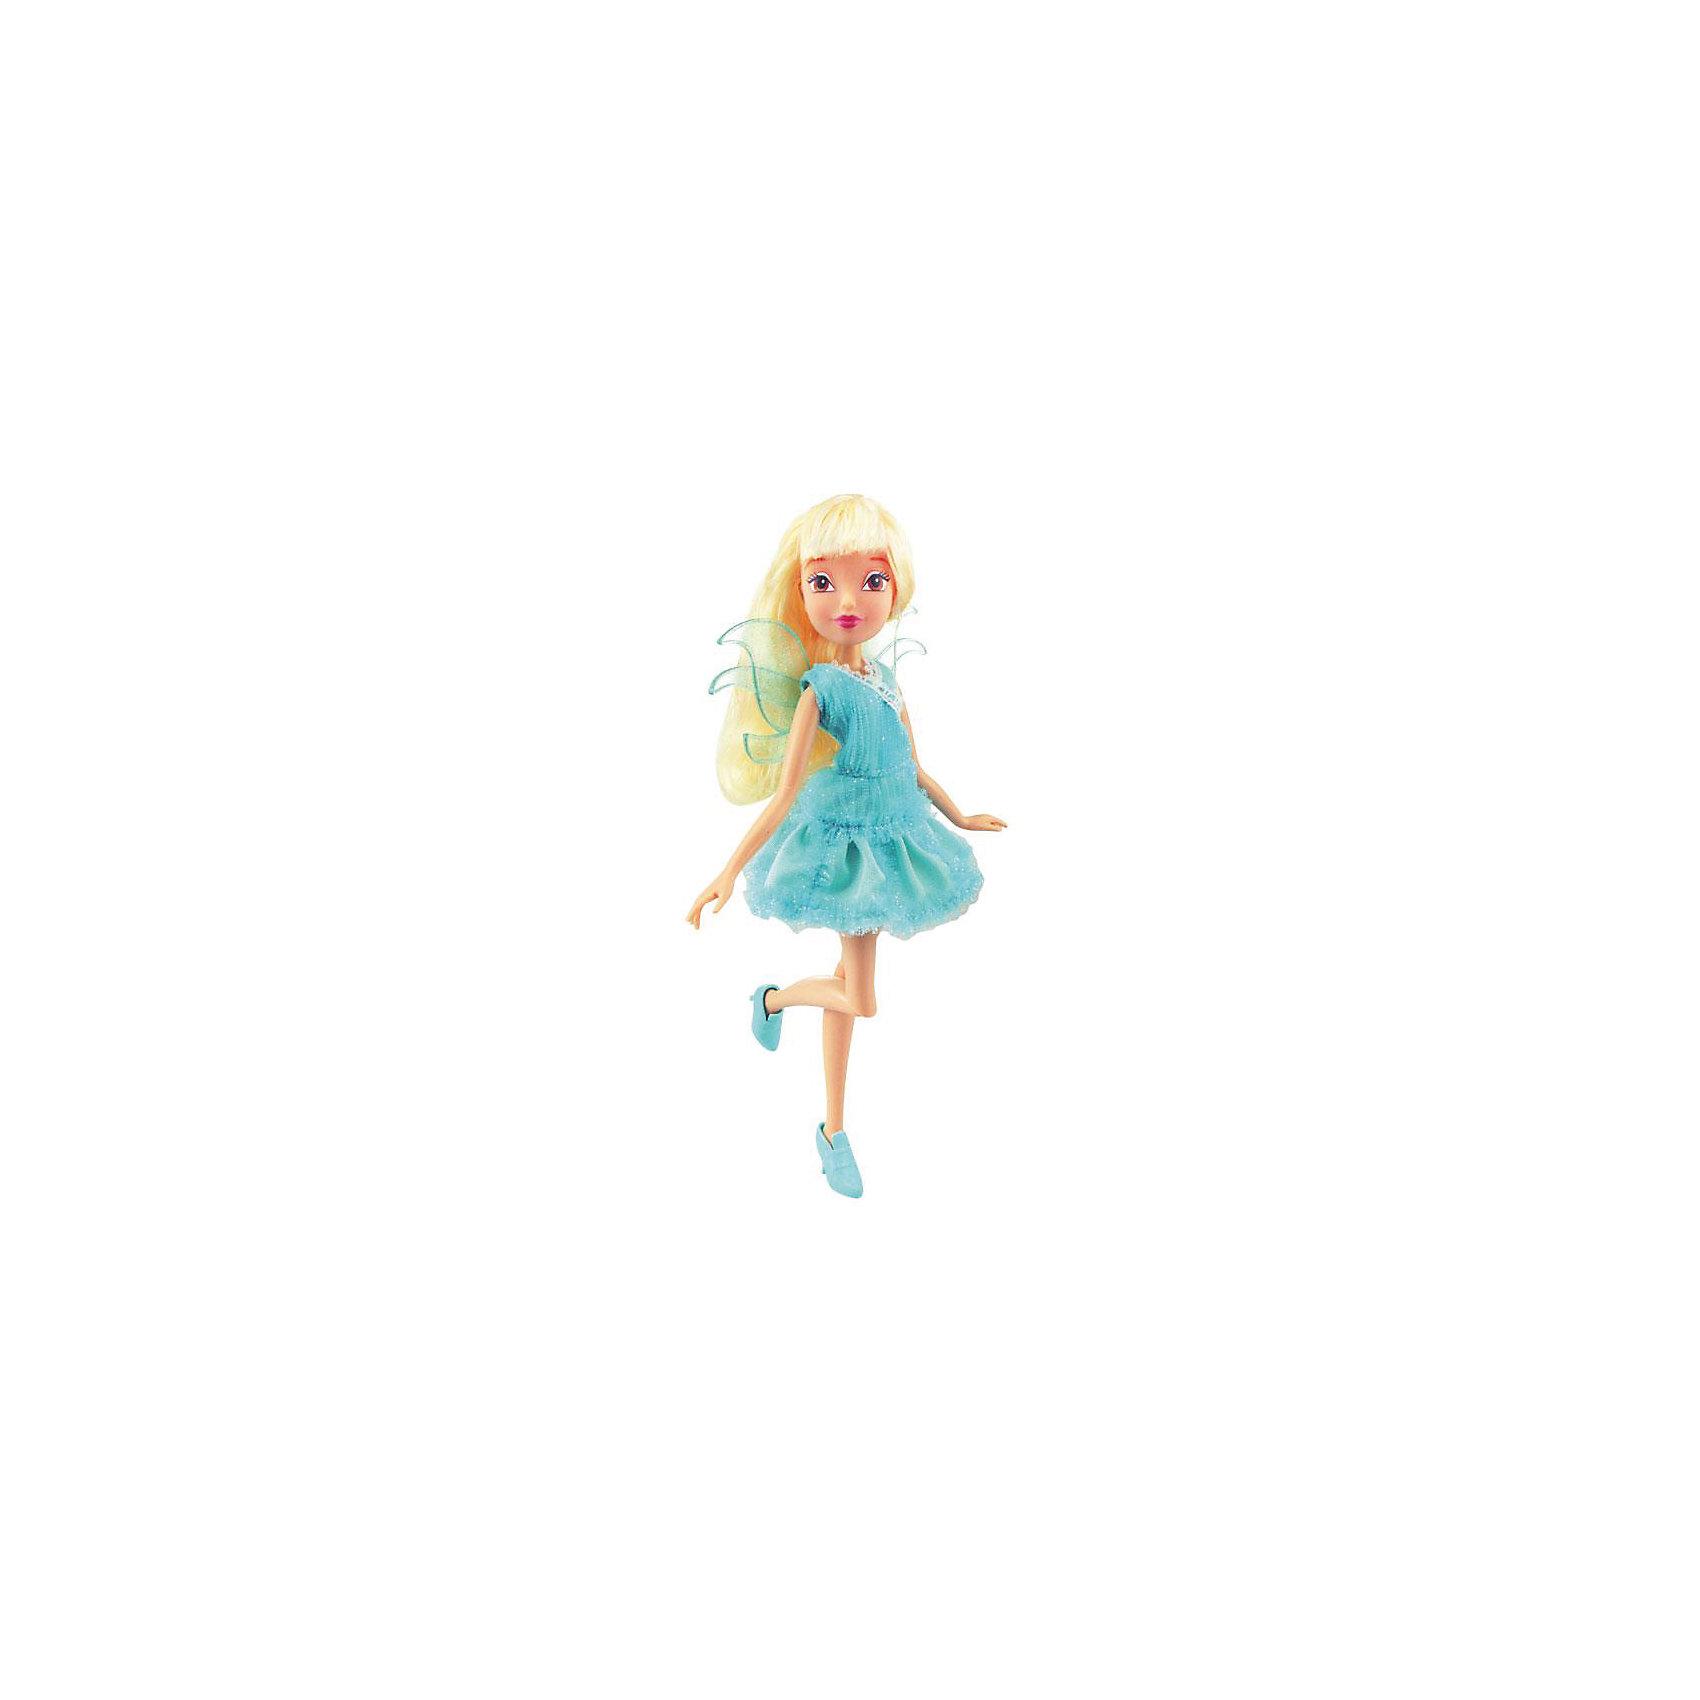 Кукла Стелла, Магическая лаборатория, Winx ClubБренды кукол<br>Характеристики товара:<br><br>- цвет: разноцветный;<br>- материал: пластик, текстиль;<br>- особенности: руки и ноги сгибаются;<br>- размер упаковки: 25х36х6 см;<br>- размер куклы: 28 см.<br><br>Такие красивые куклы не оставят ребенка равнодушным! Какая девочка откажется поиграть с куклой Winx ?! Игрушка отлично детализирована, очень качественно выполнена, поэтому она станет отличным подарком ребенку. В наборе идут одежда и аксессуары, которыми можно украсить куклу!<br>Изделие произведено из высококачественного материала, безопасного для детей.<br><br>Куклу Стелла, Магическая лаборатория от бренда Winx Club можно купить в нашем интернет-магазине.<br><br>Ширина мм: 60<br>Глубина мм: 260<br>Высота мм: 350<br>Вес г: 350<br>Возраст от месяцев: 36<br>Возраст до месяцев: 2147483647<br>Пол: Женский<br>Возраст: Детский<br>SKU: 5047575